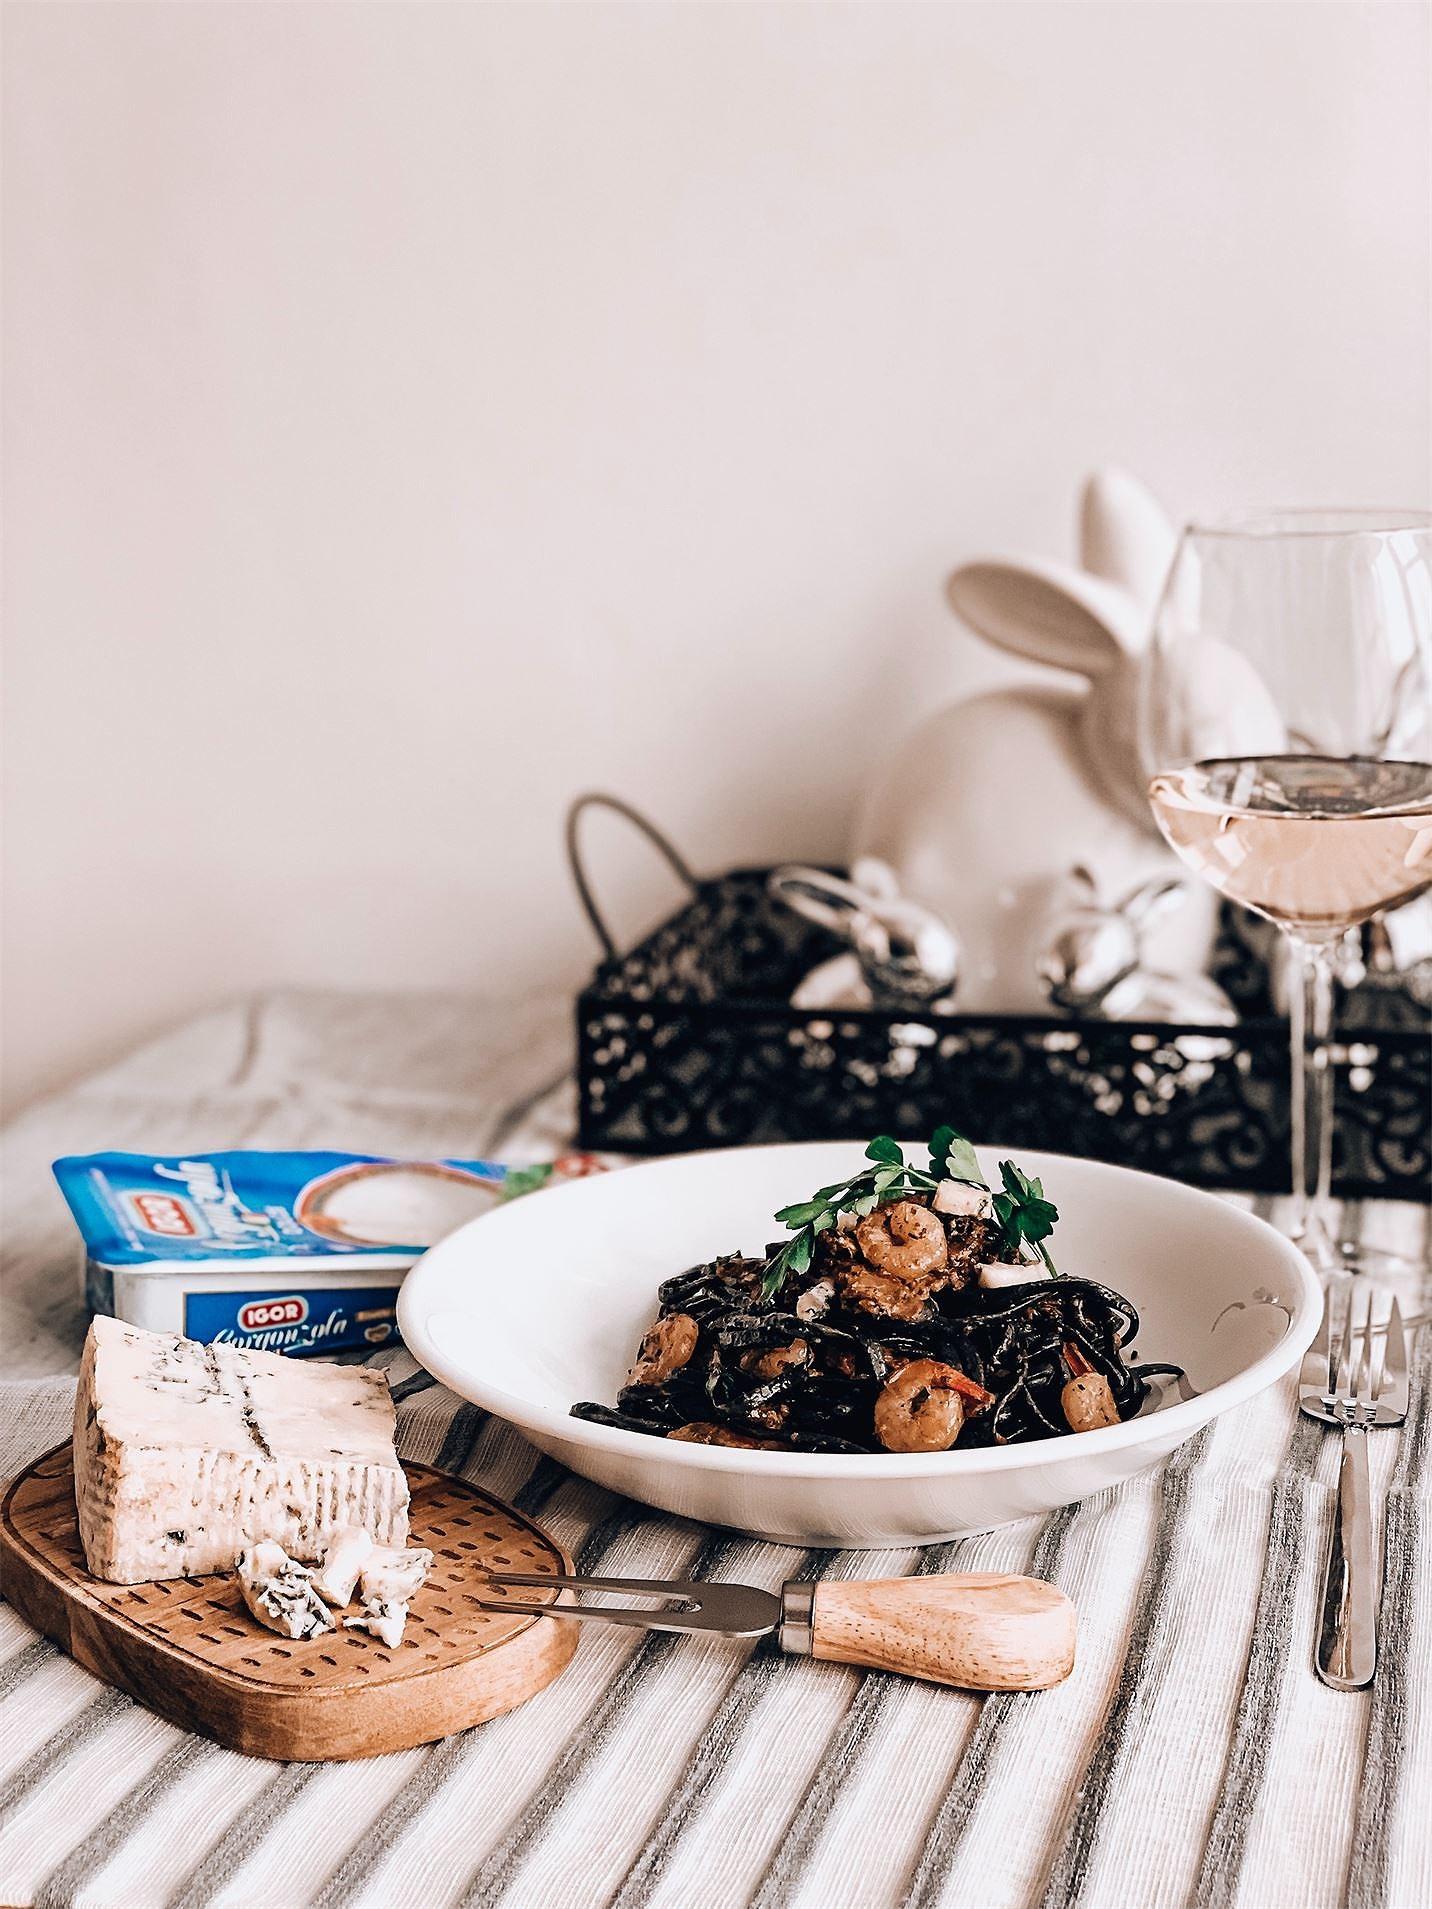 Czarny makaron z krewetkami i borowikami w sosie śmietanowym z gorgonzolą i natką pietruszki